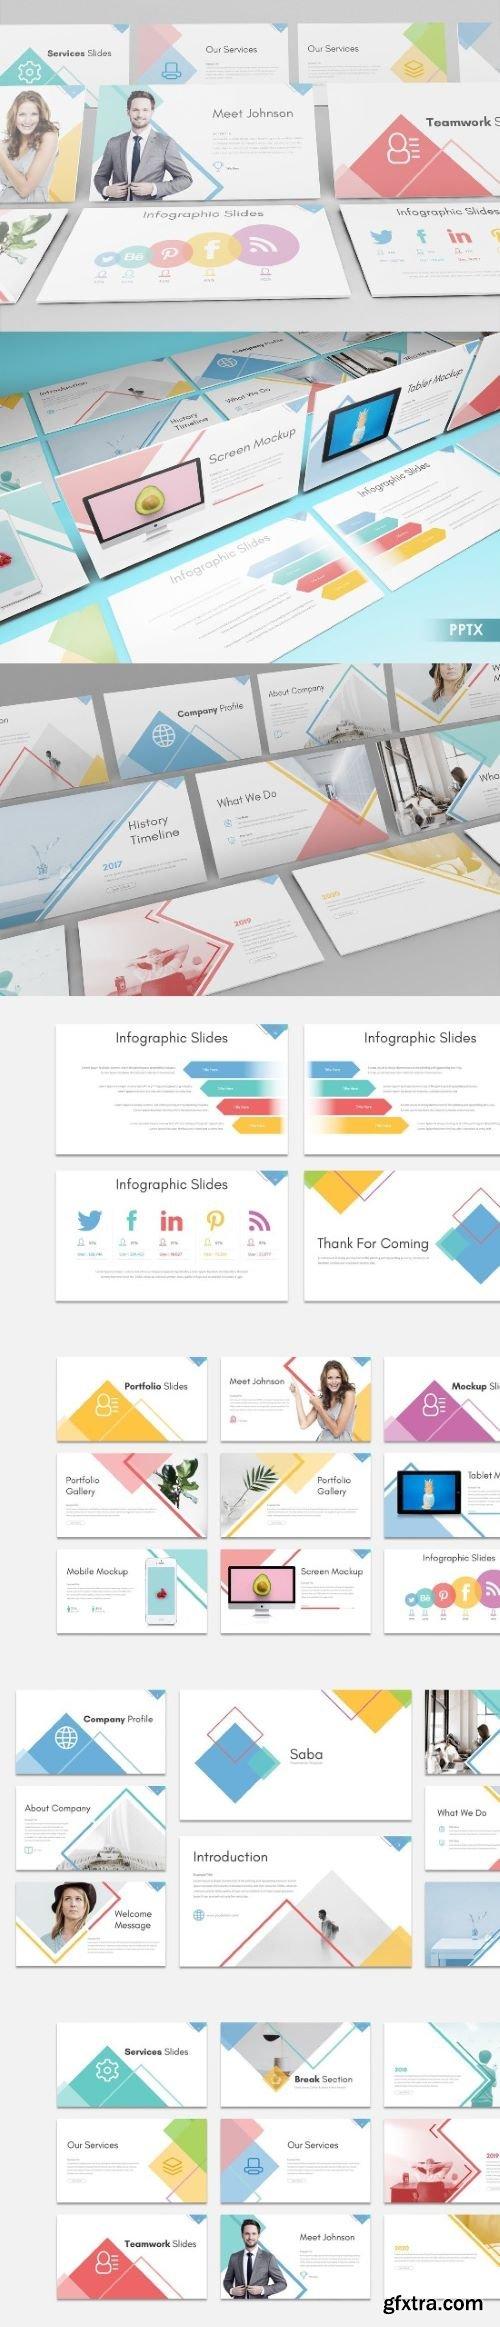 SABA - PPT, Keynote and Google Slides